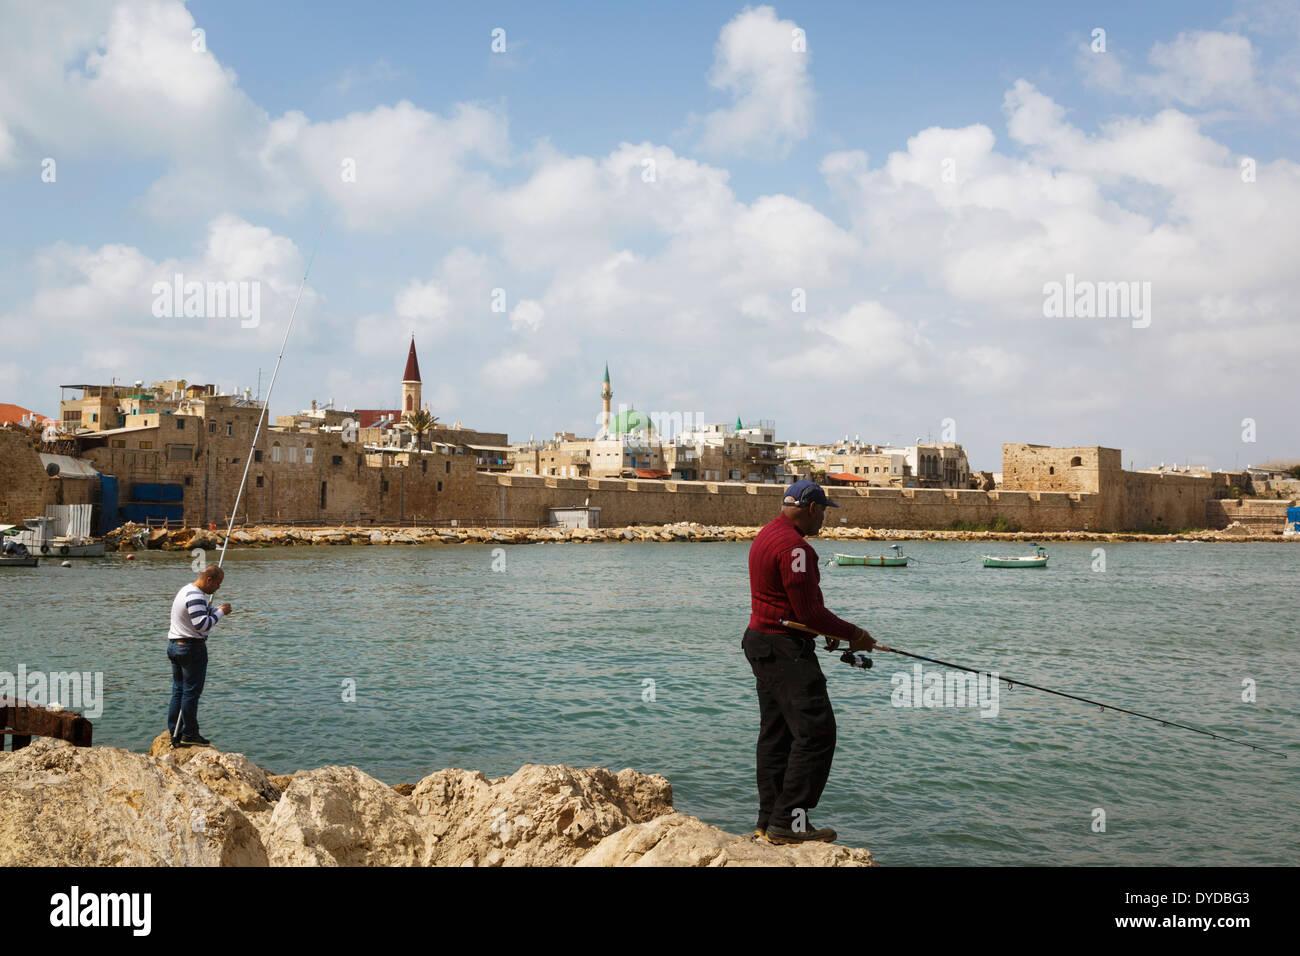 Les personnes qui pêchent dans la vieille ville d'Akko (Acre), Israël. Photo Stock